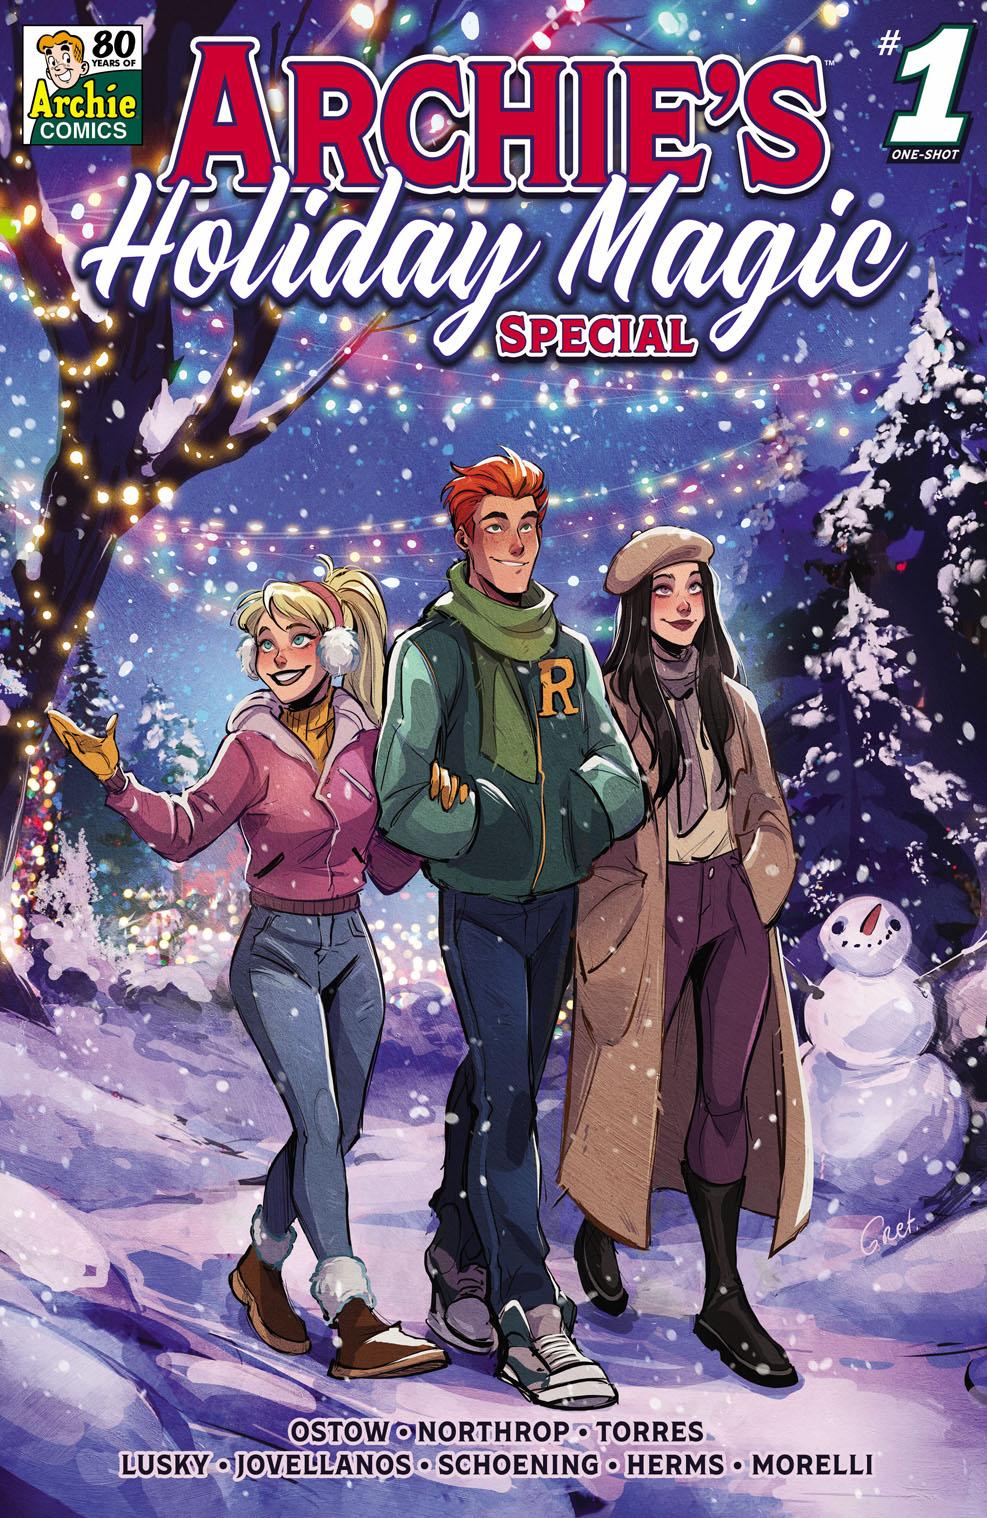 La magia navideña de Archie